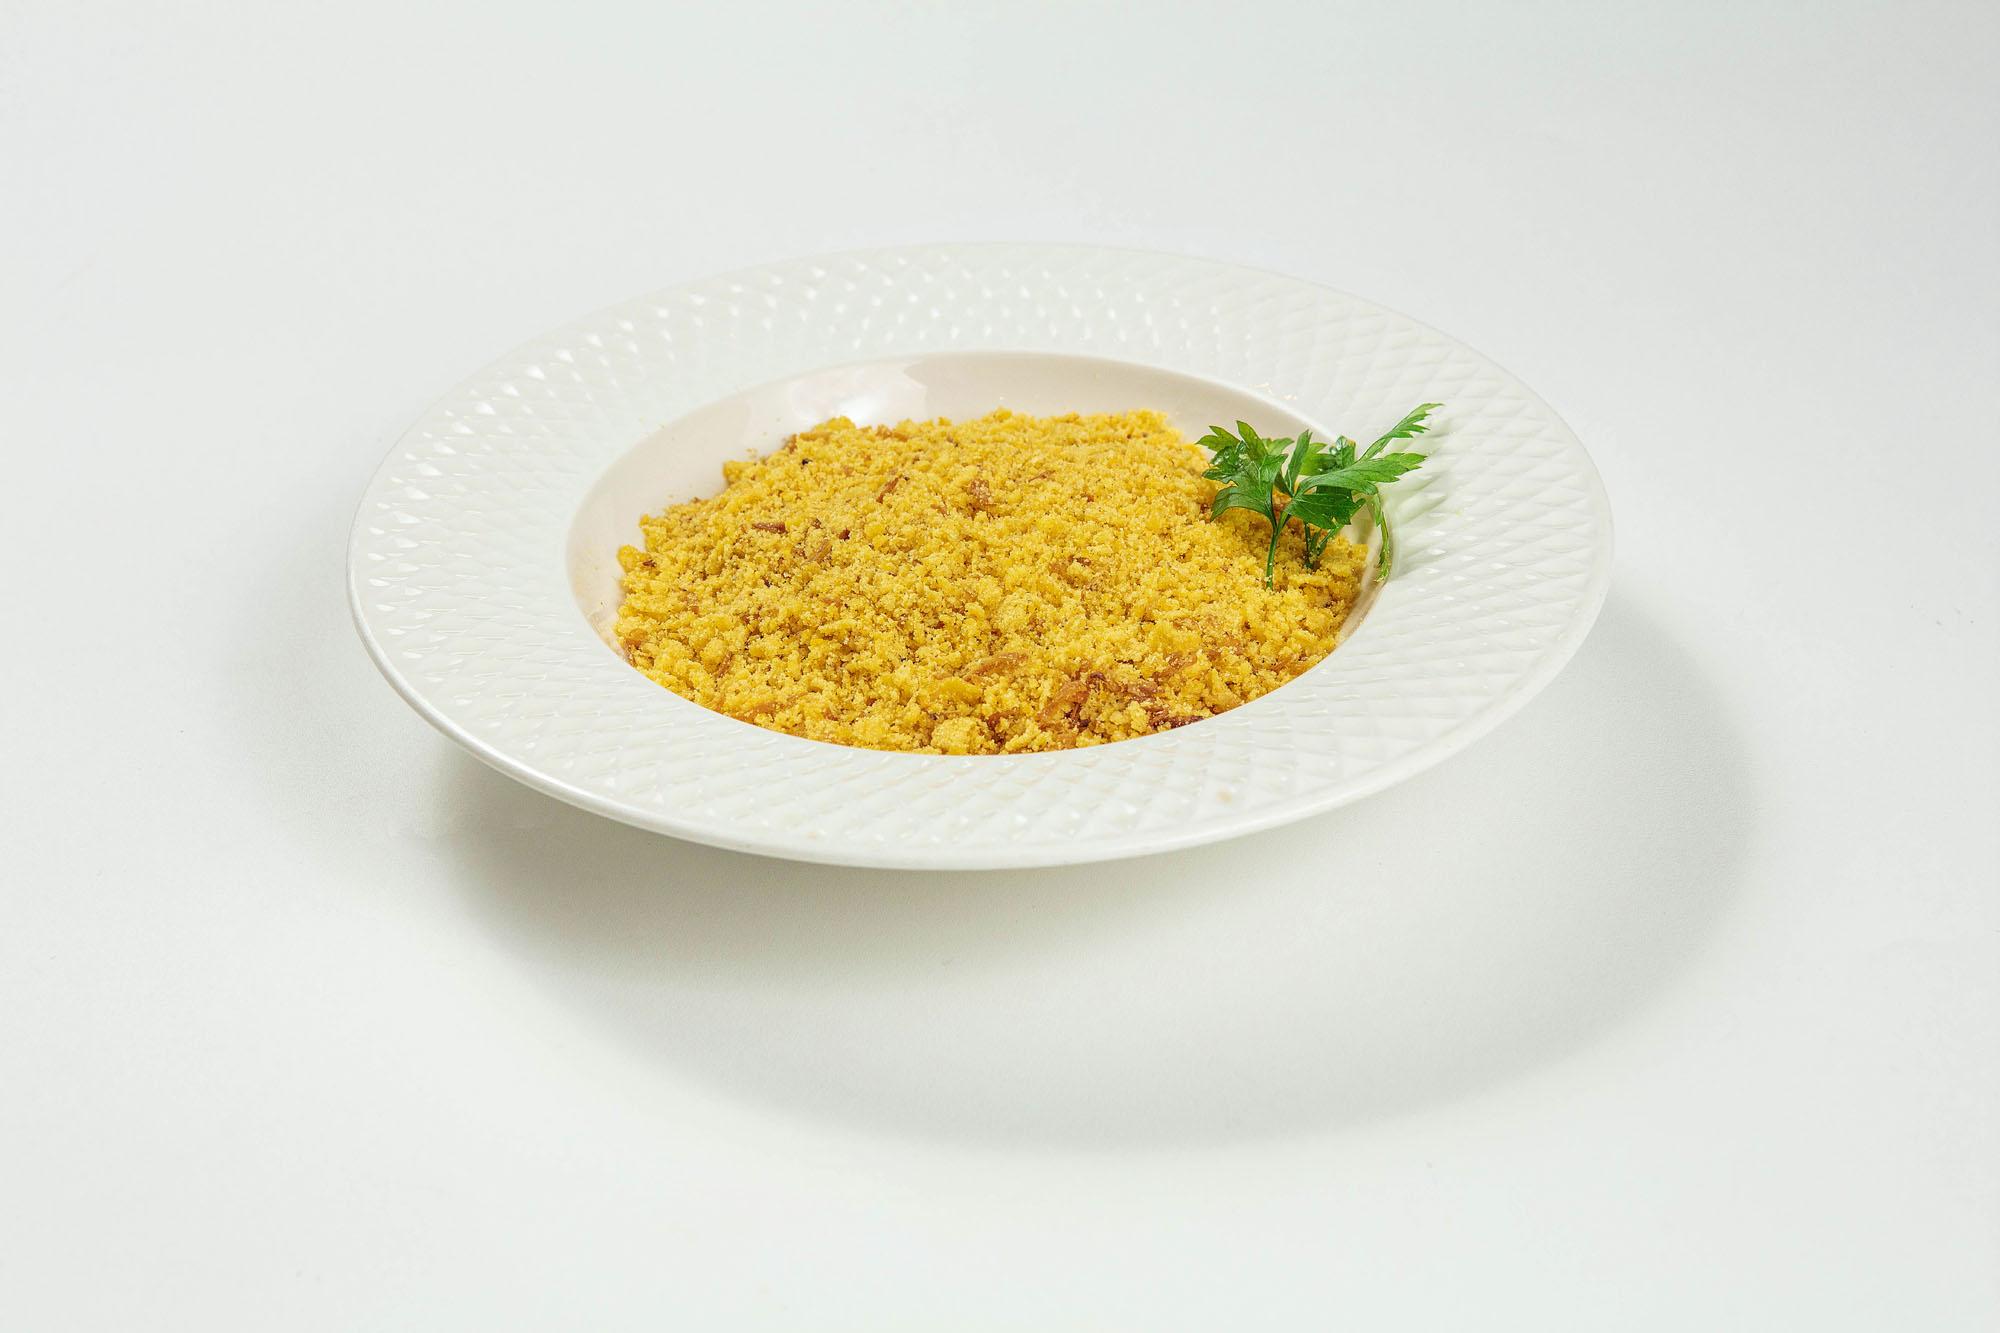 Farofa de flocos de milho com cebola crocante (70gr)